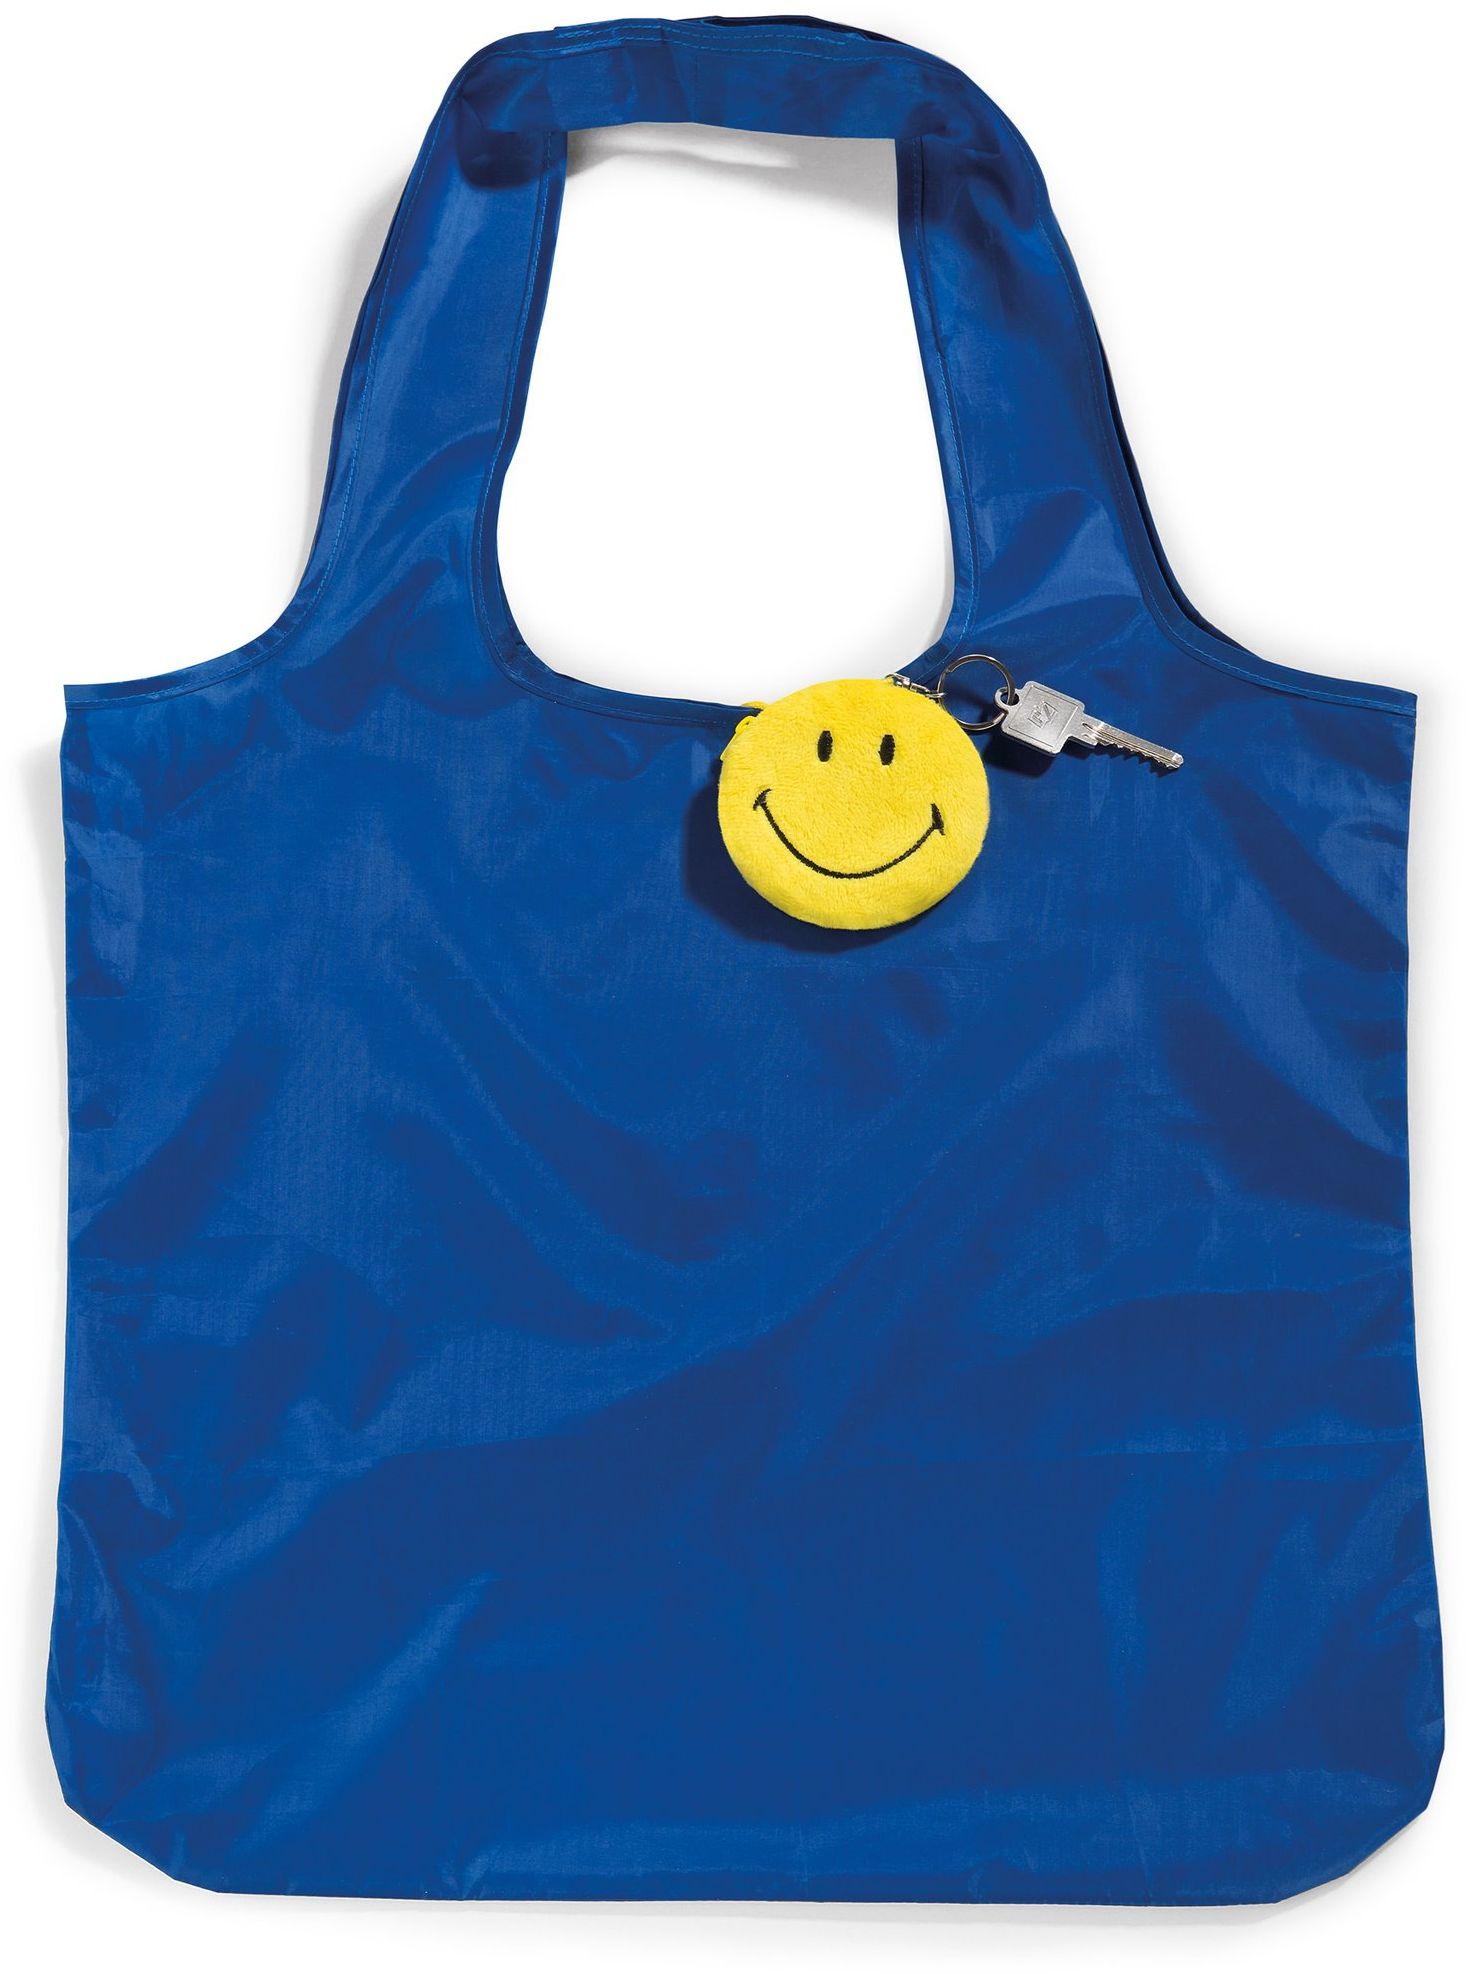 Nici 41533 Smiley składana torba na zakupy z zawieszką, dżinsy, 8 cm